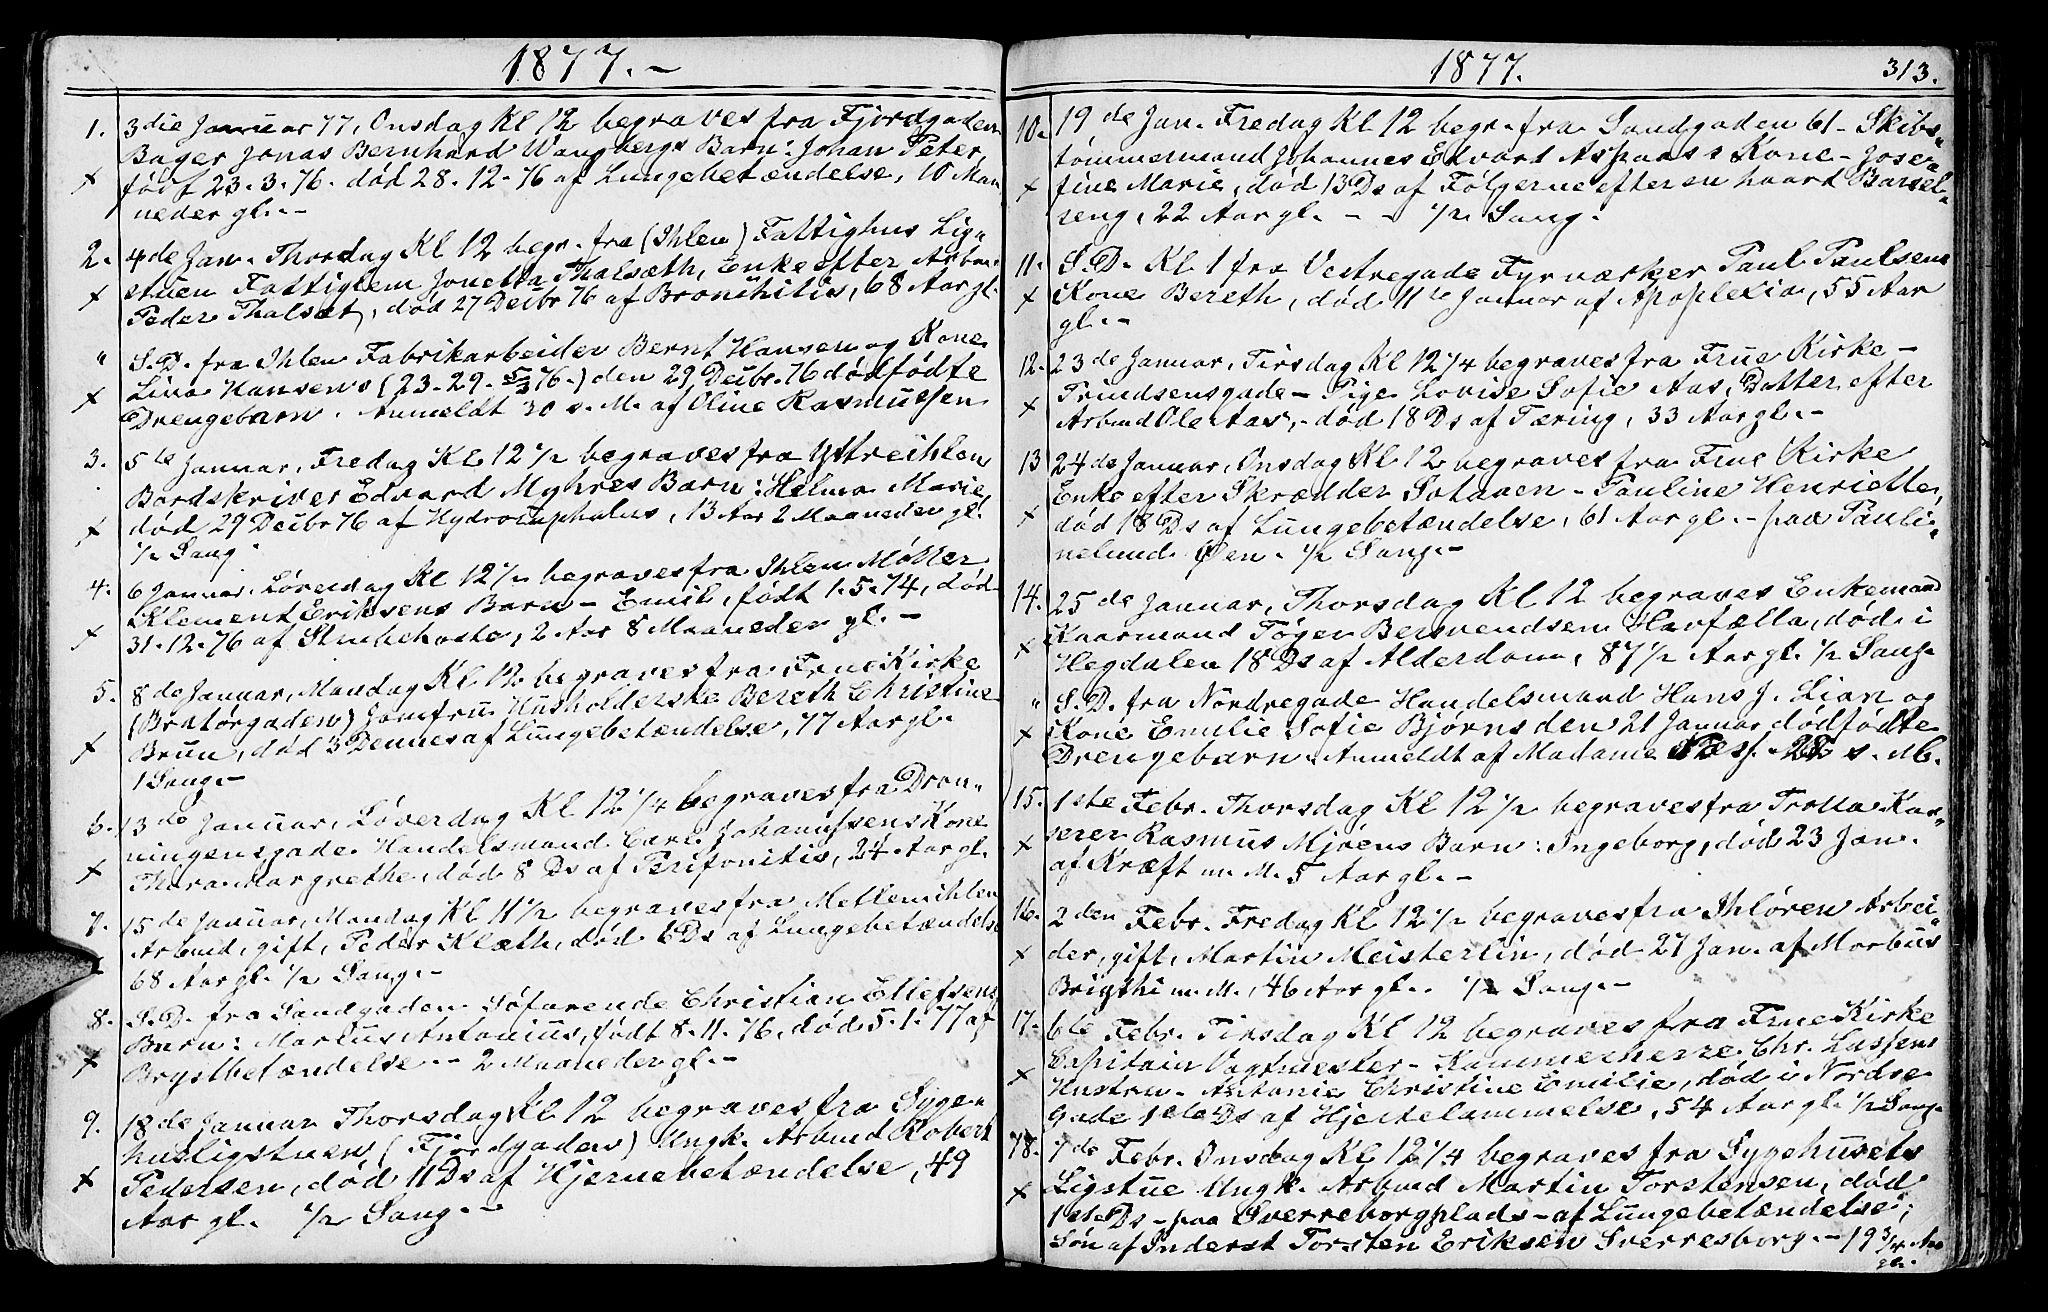 SAT, Ministerialprotokoller, klokkerbøker og fødselsregistre - Sør-Trøndelag, 602/L0142: Klokkerbok nr. 602C10, 1872-1894, s. 313